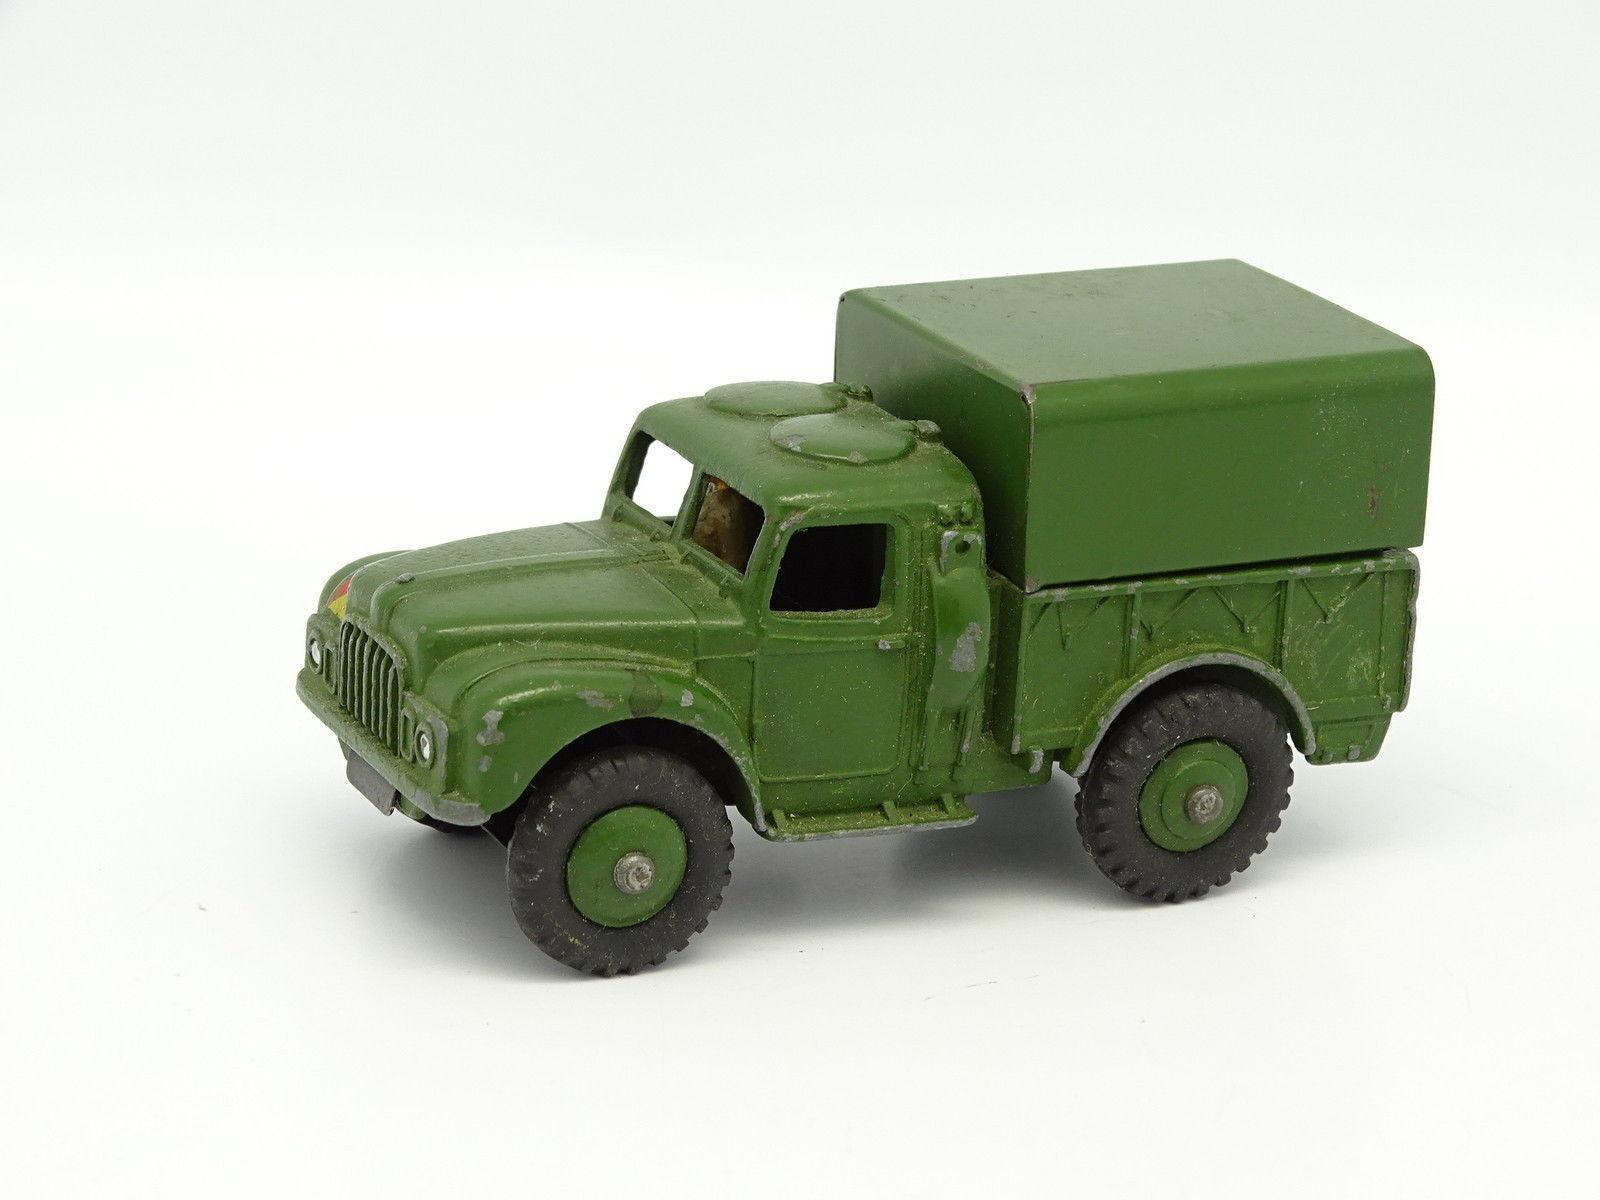 Dinky Spielzeug GB Militär Armee 1 43 - Armee 1 Ton Cargo LKW 641